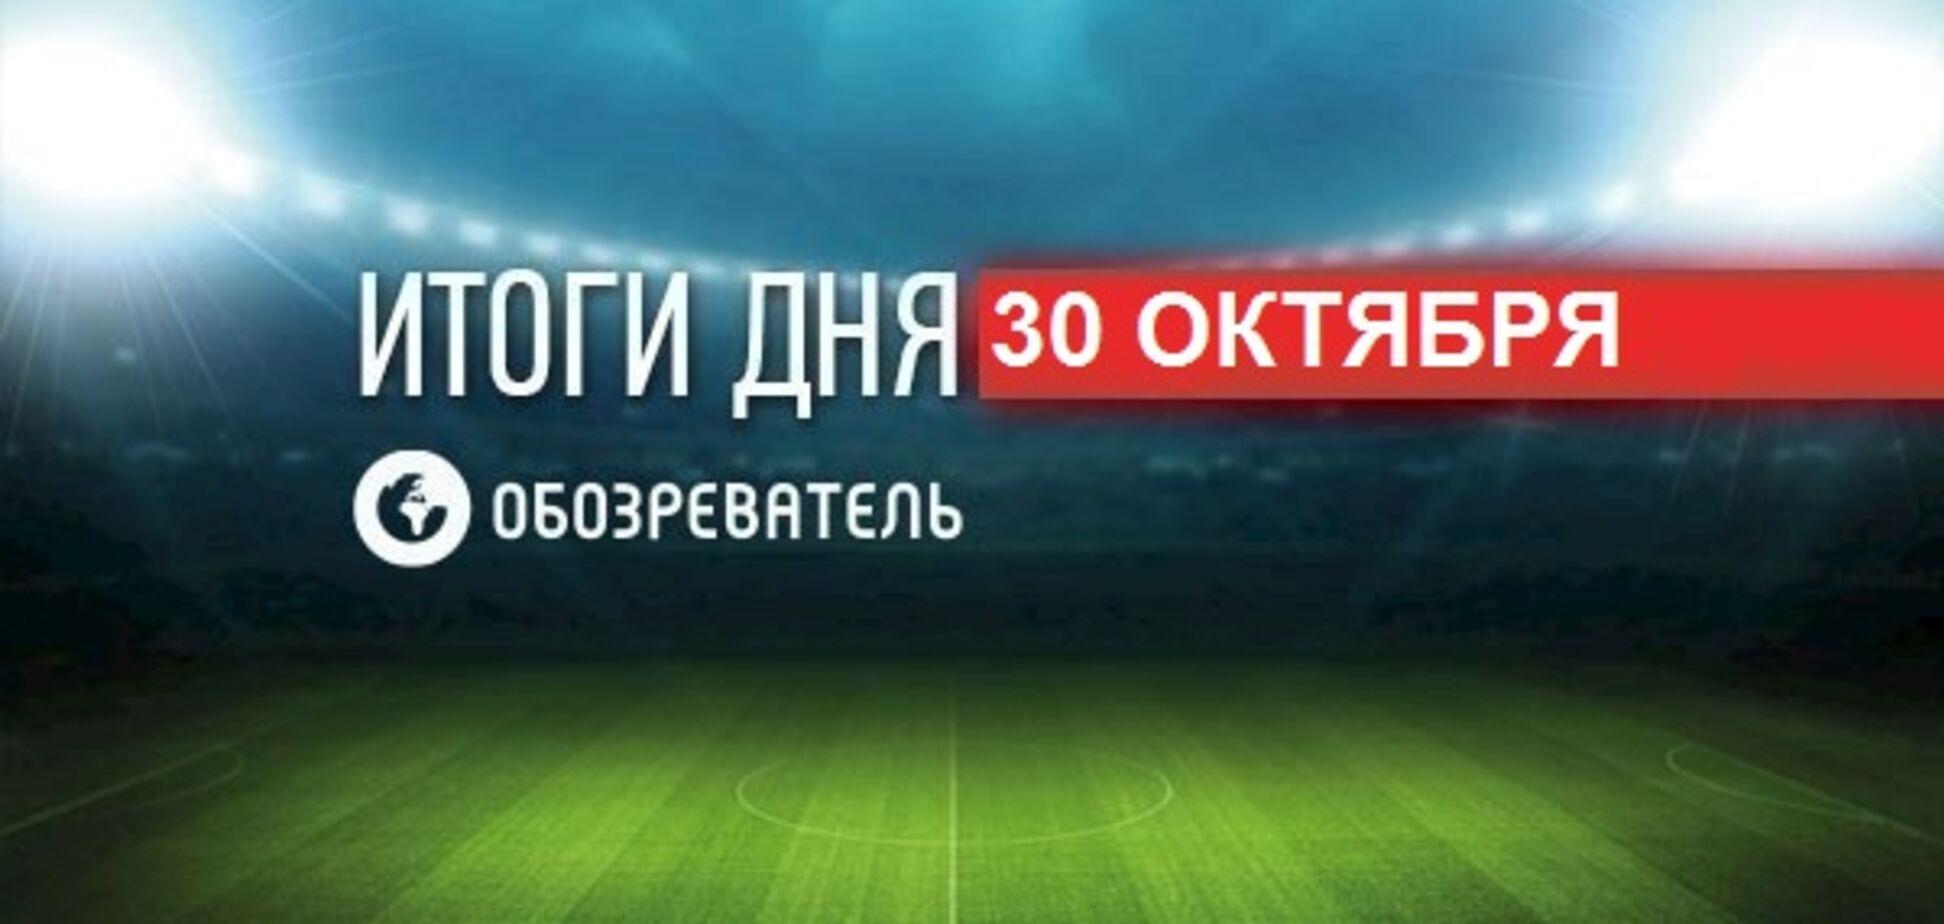 Екс-гравець збірної України розповів про жахи кар'єри у Росії: спортивні підсумки 30 жовтня